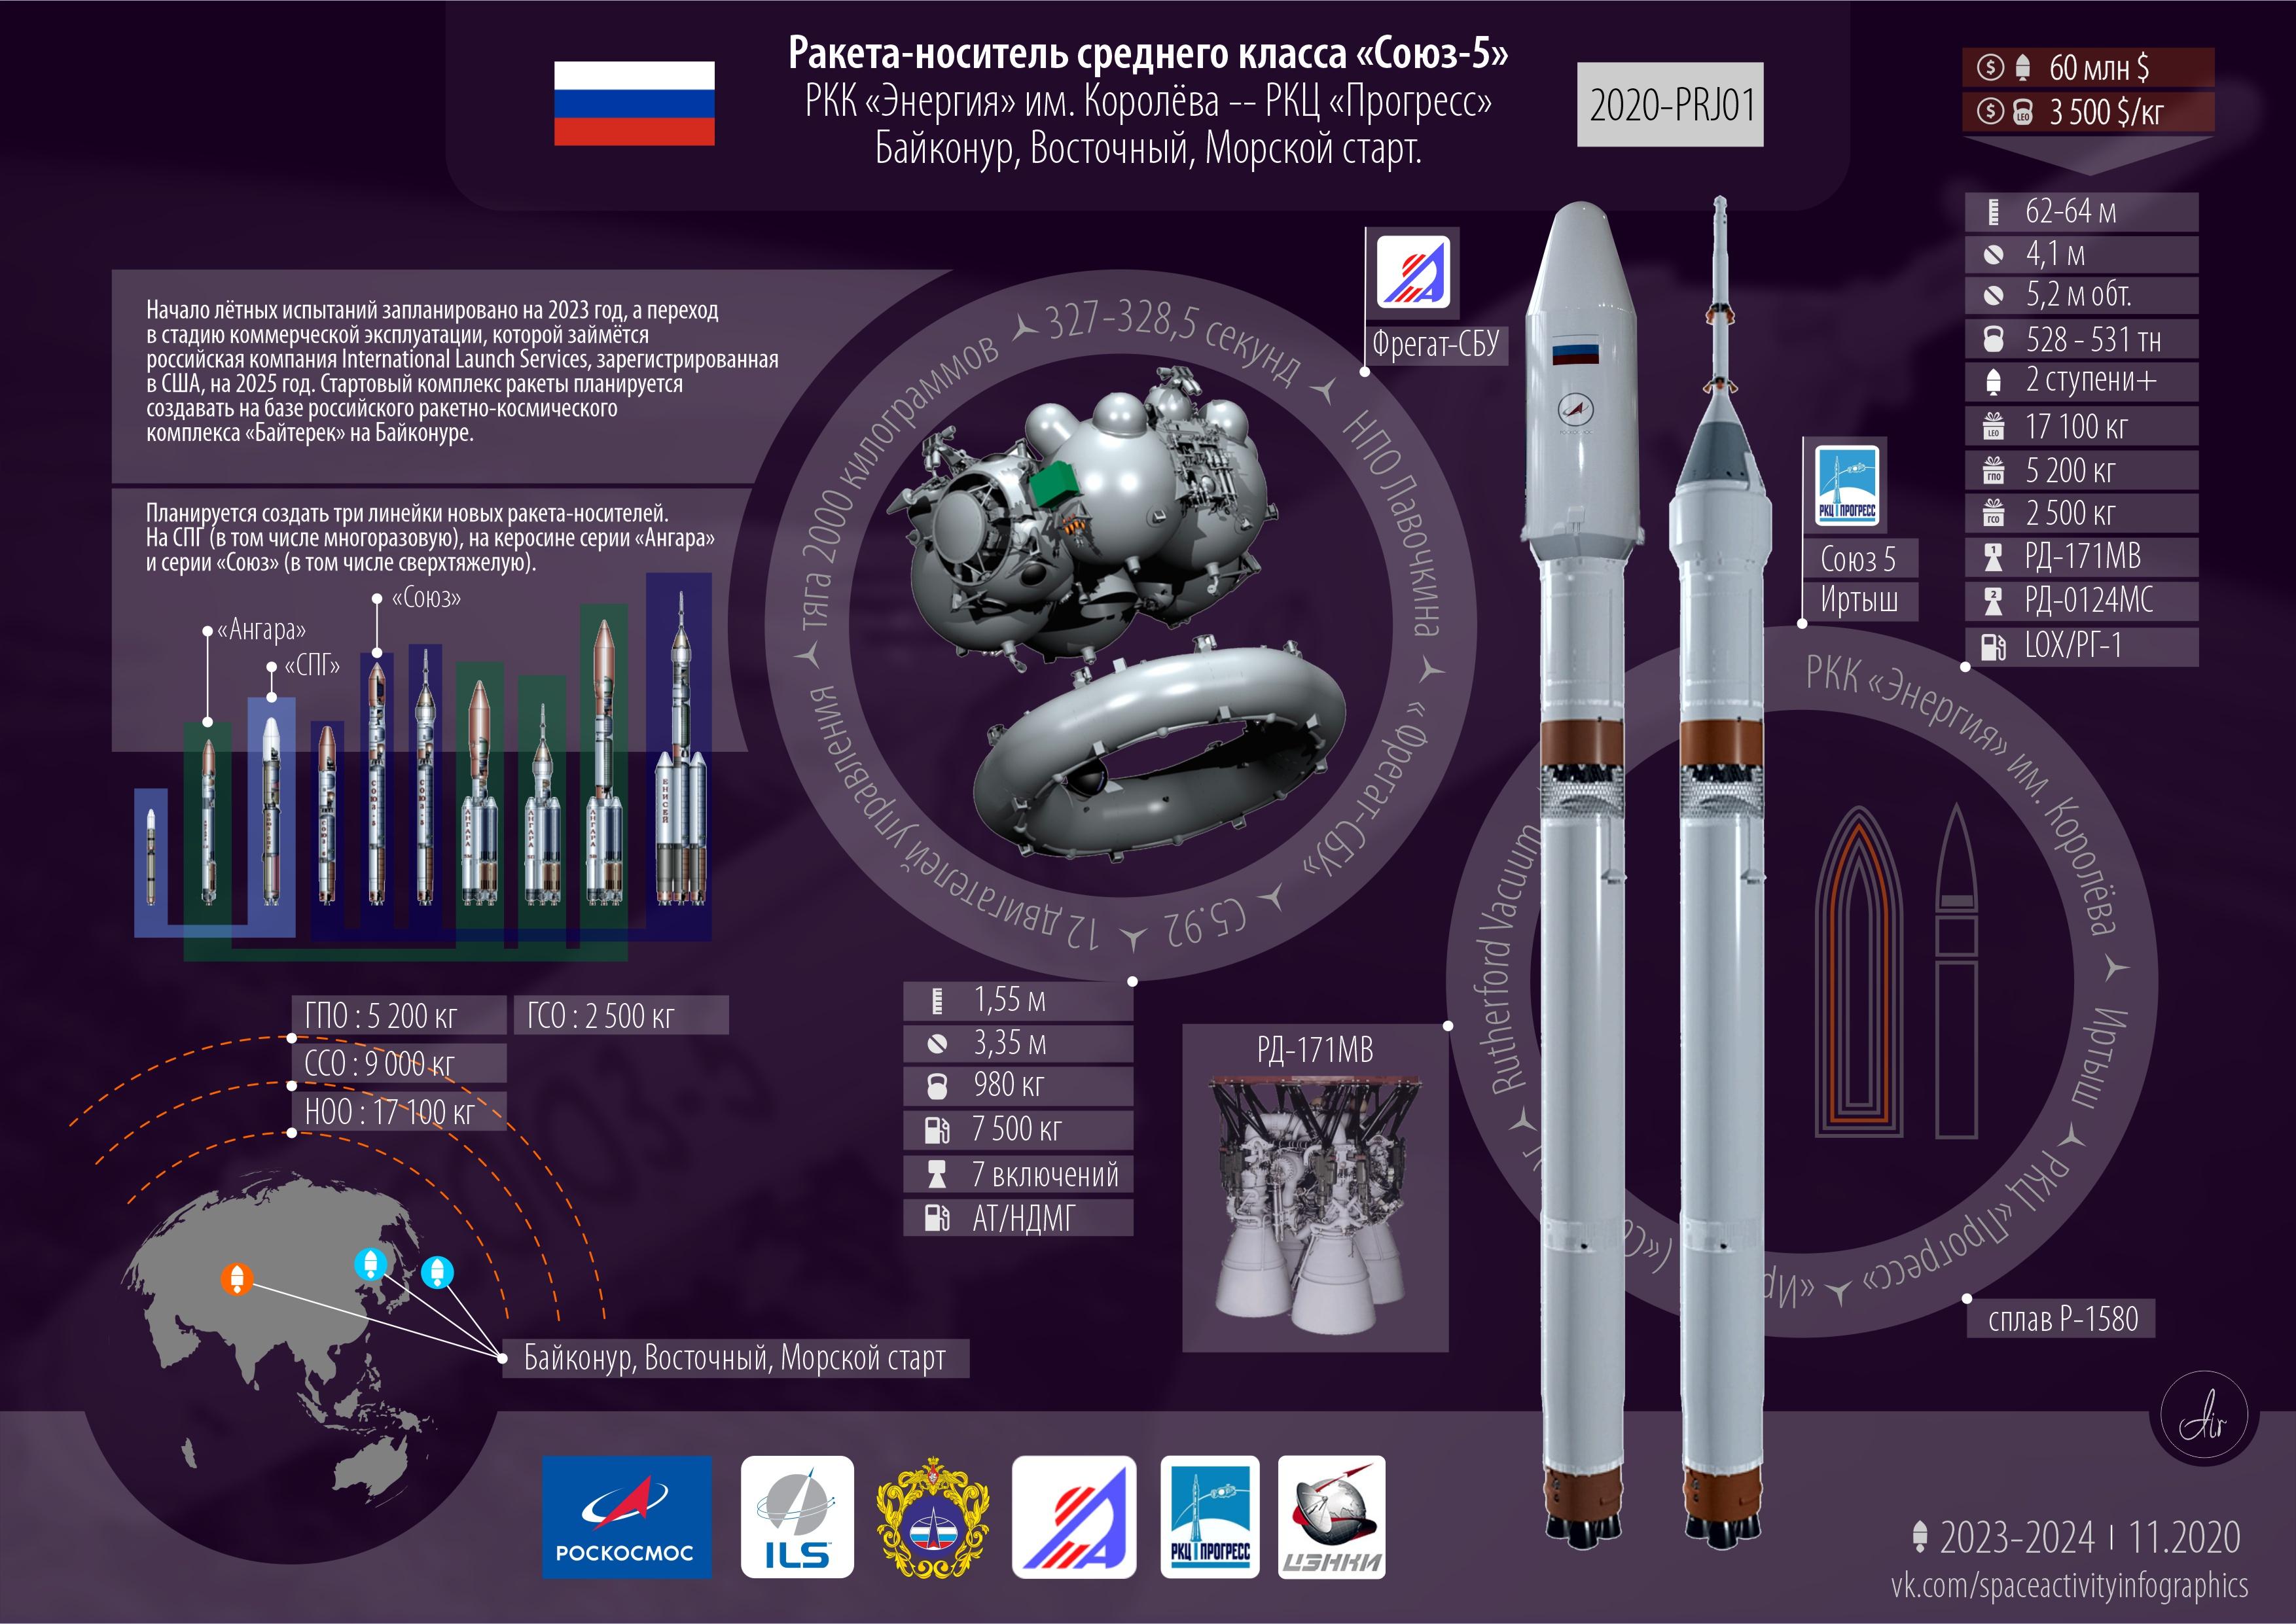 Инфографика ракеты-носителя «Союз-5».